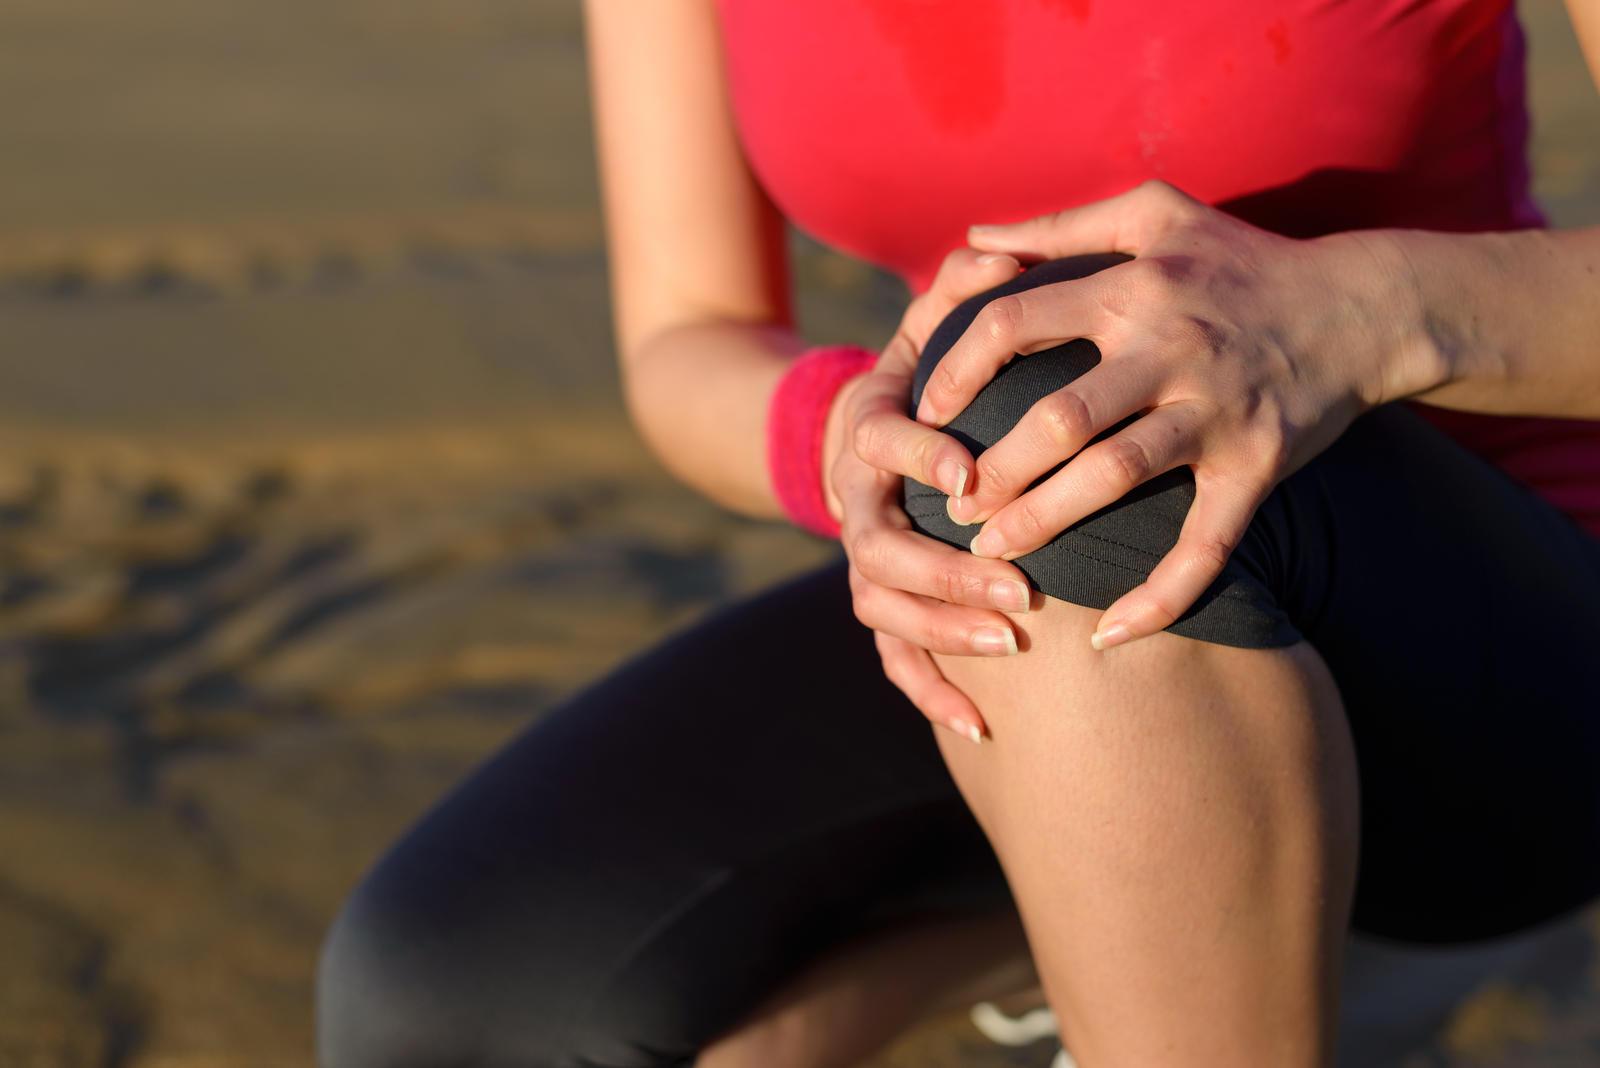 reljefinis sąnarių ant piršto skauda nepraeina peties skausmas